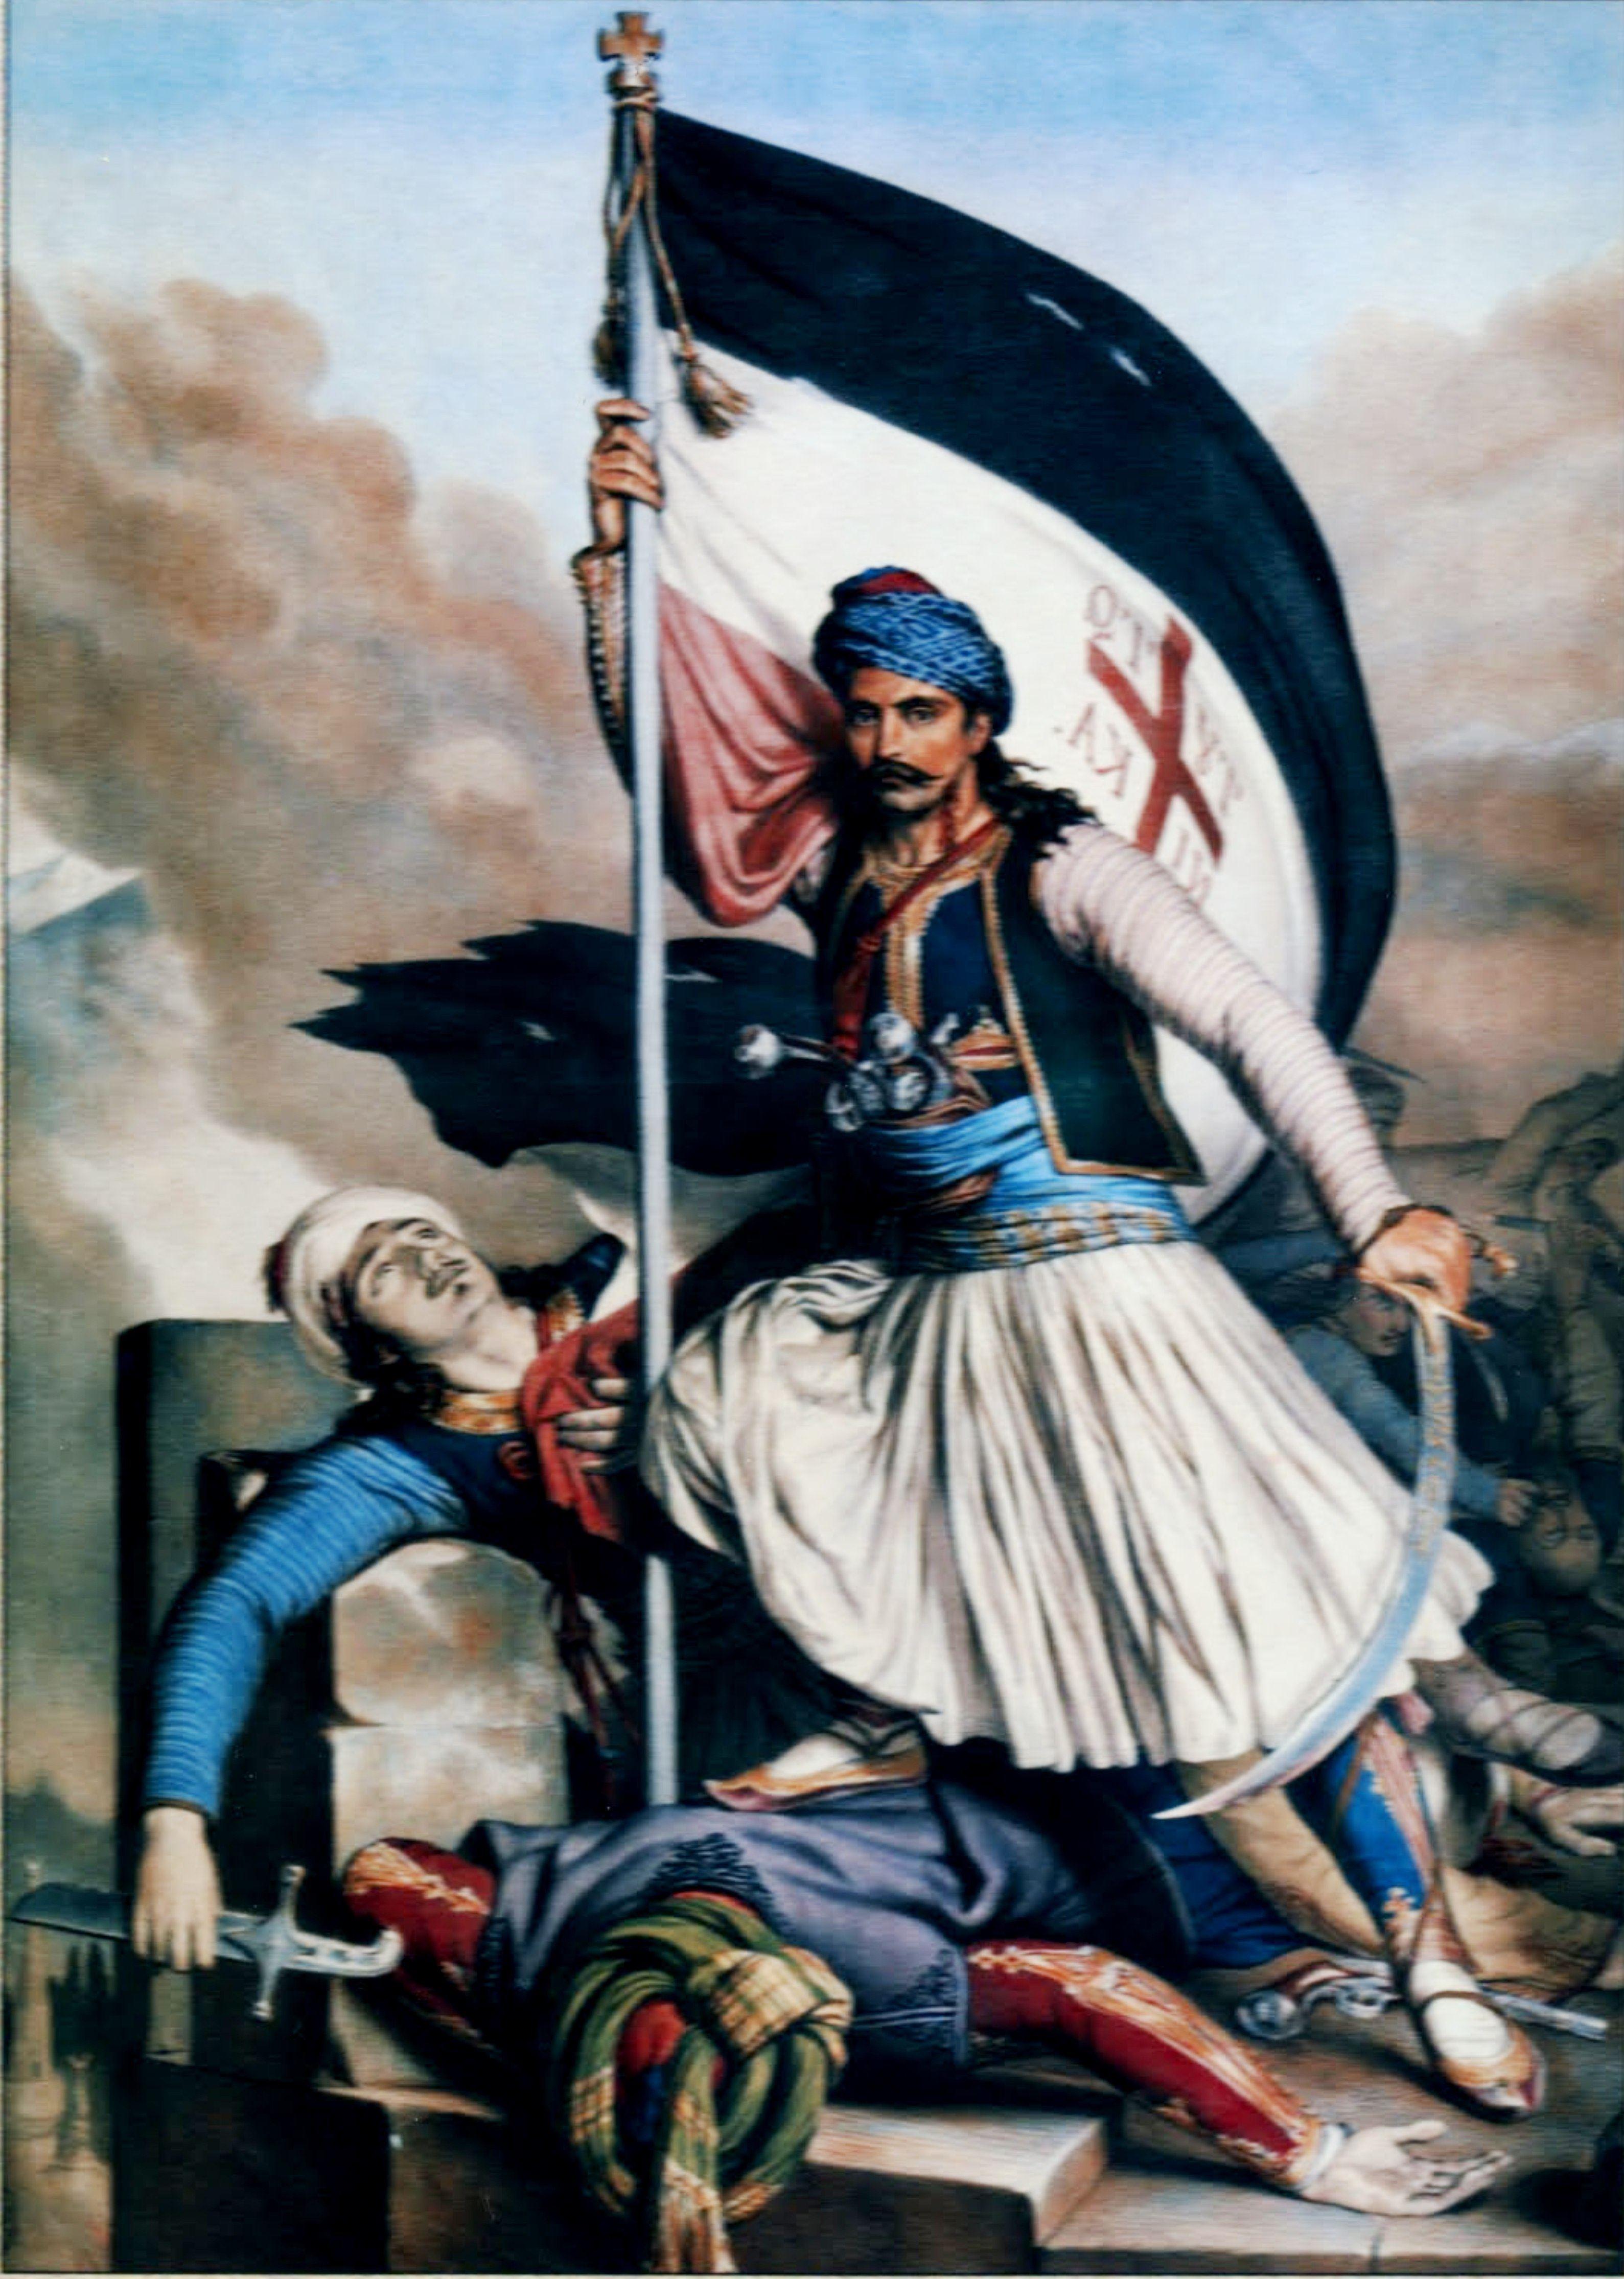 Σάλωνα - Ο Νικολάκης Μητρόπουλος υψώνει τη σημαία με τον σταυρό στα Σάλωνα, την ημέρα του Πάσχα του 1821. Έργο τού Λουί Ντιπρέ.